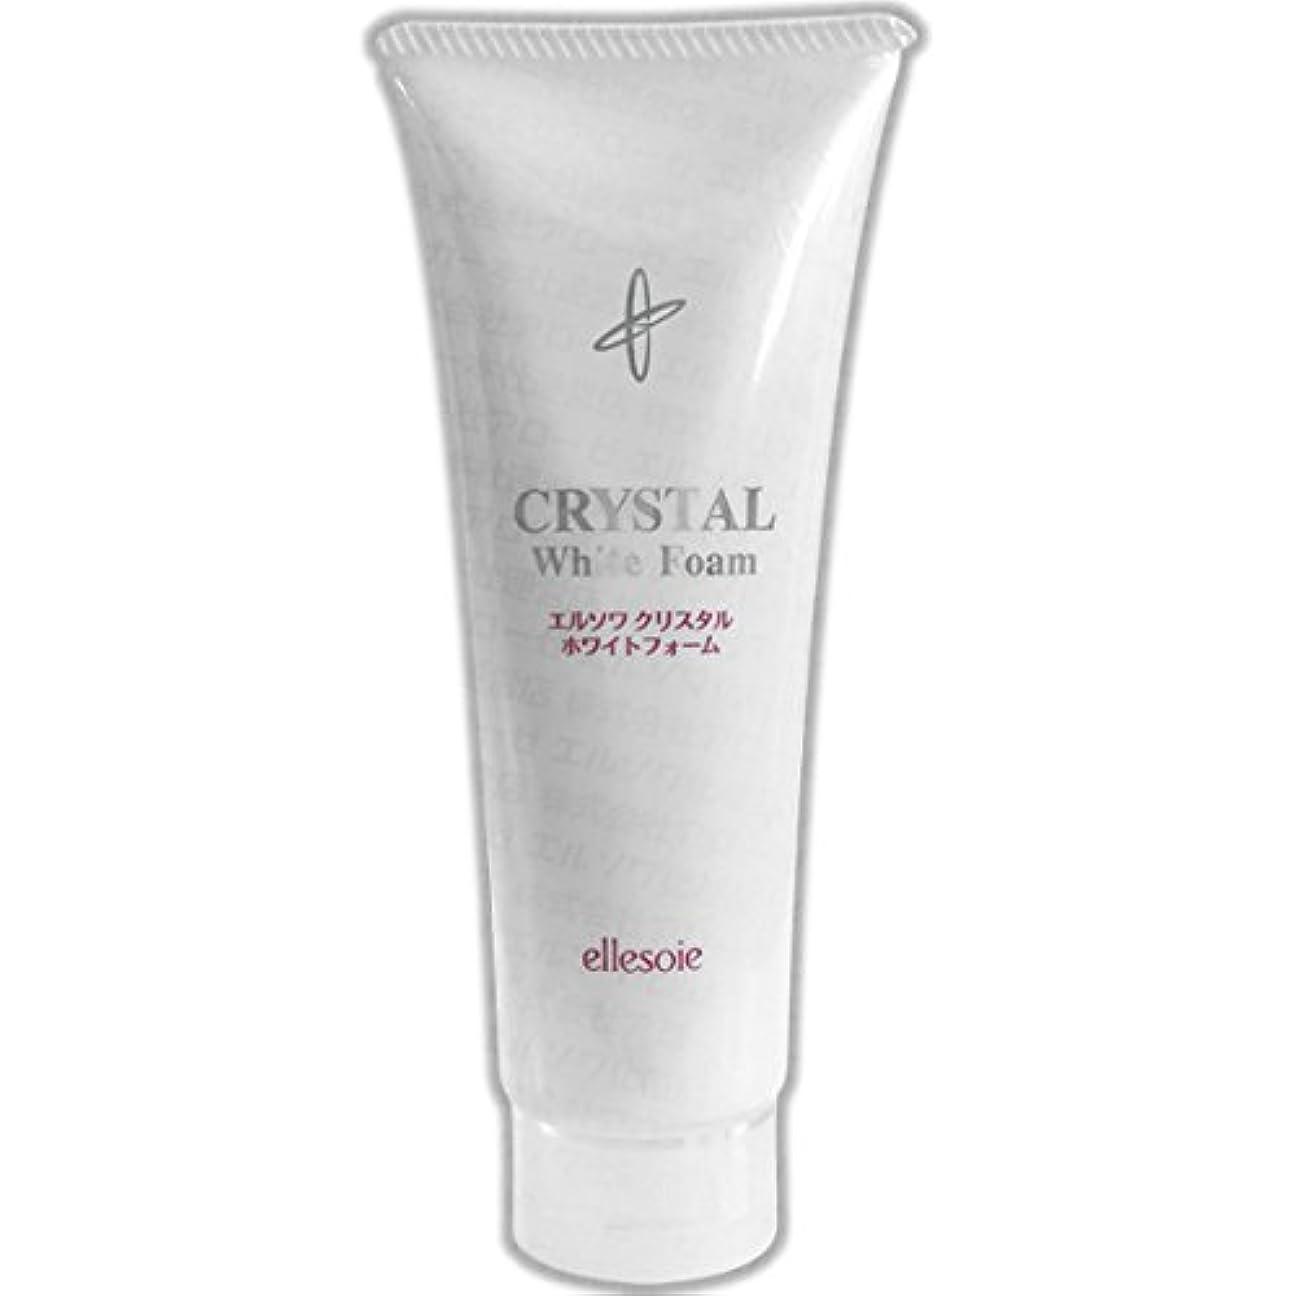 エルソワ化粧品(ellesoie) クリスタル ホワイトフォーム 洗顔